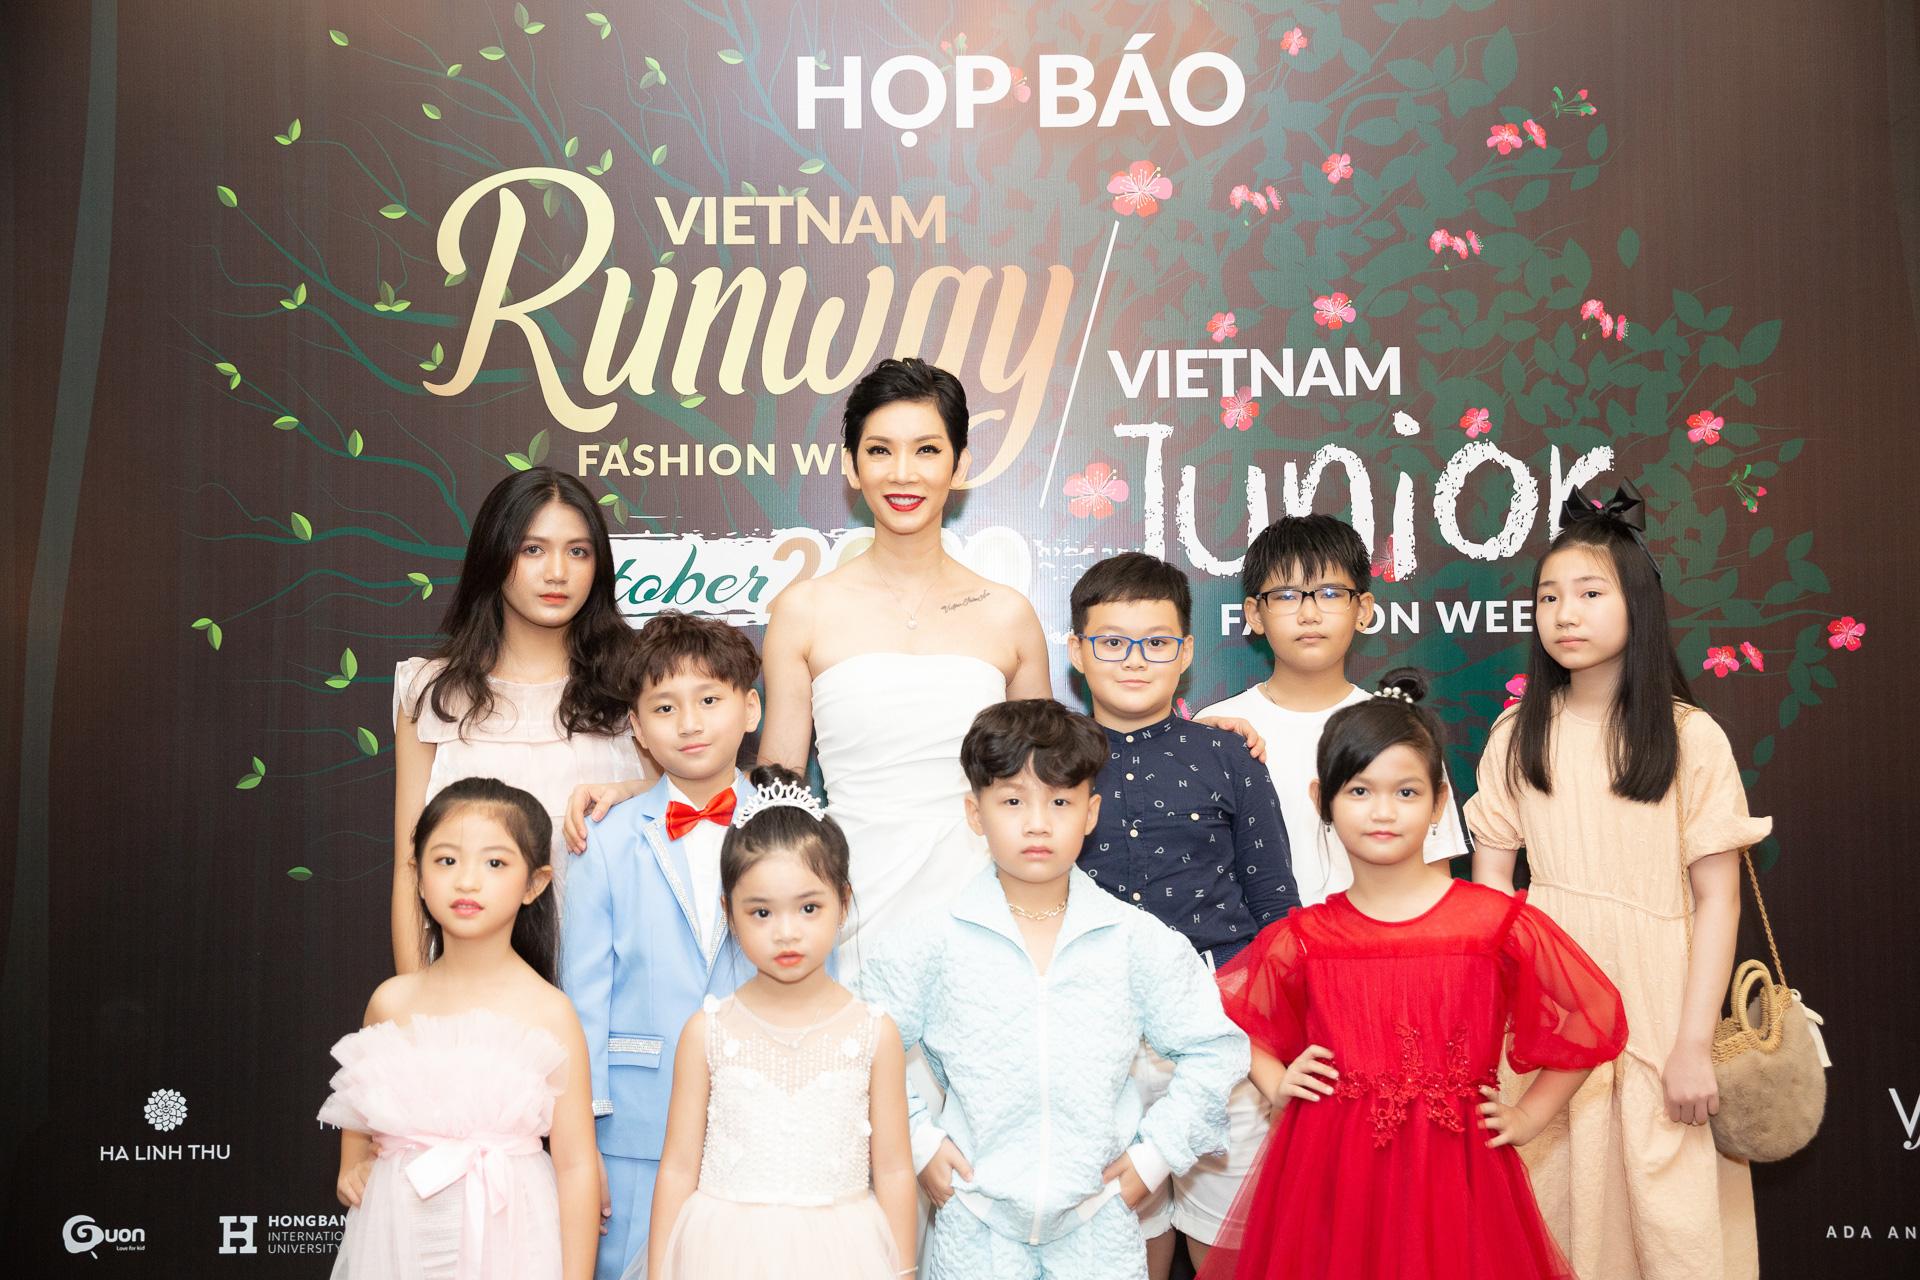 Hoàng Hải, Hà Linh Thư mở màn show diễn thời trang Vietnam Runway Fashion Week  - Ảnh 6.